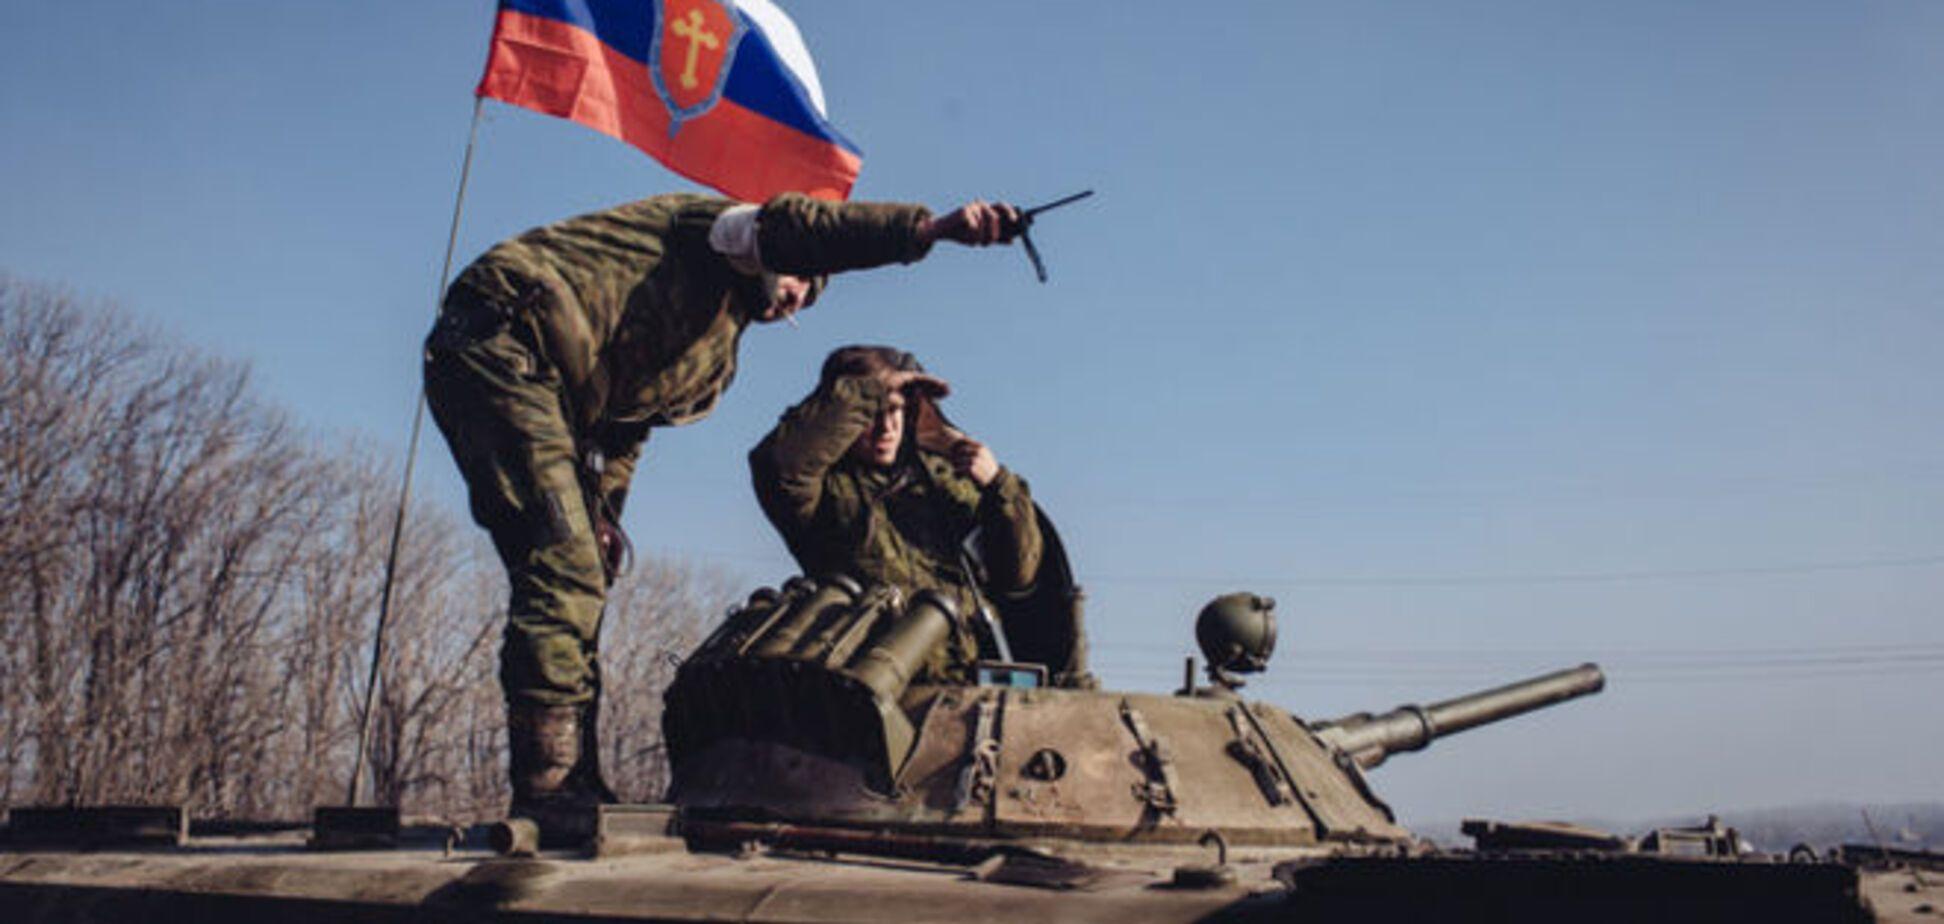 В составе 'ДНР' и 'ЛНР' развернуты 2 российских армейских корпуса - более 30 тысяч человек